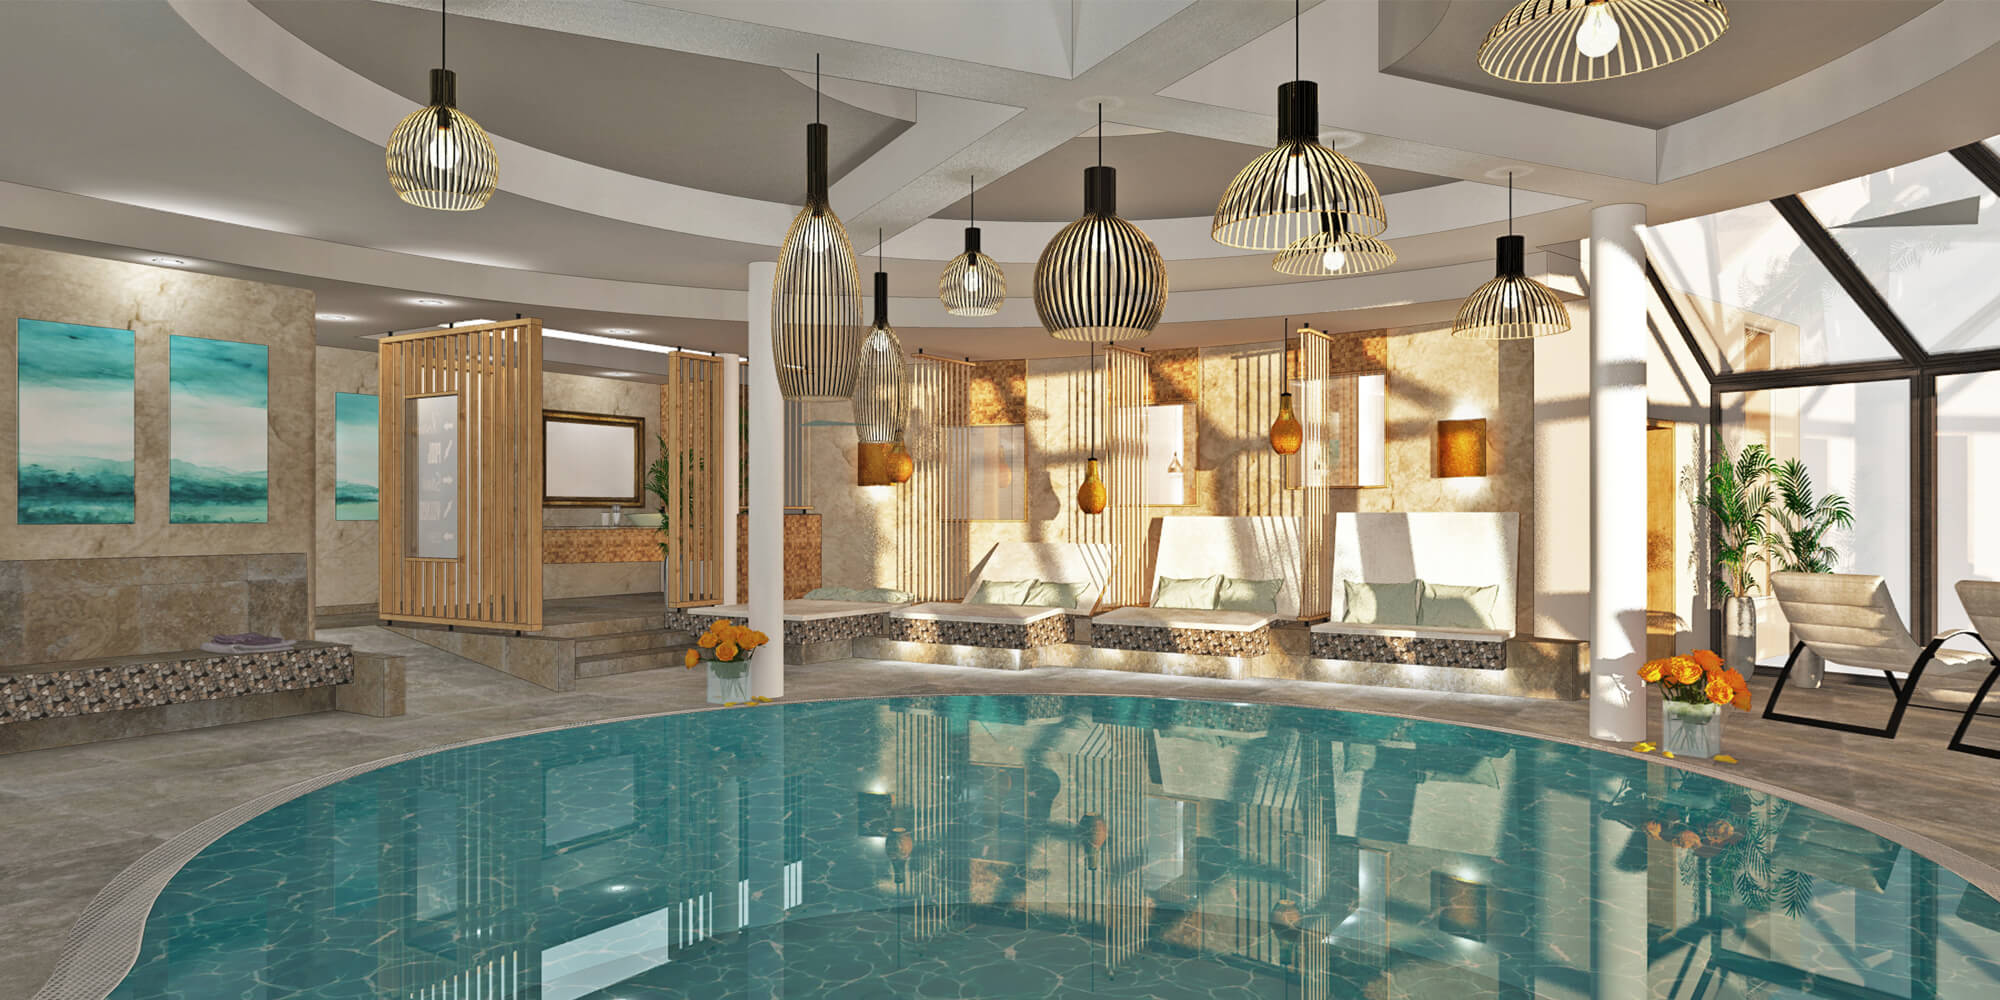 Crea-Plan-Design-Rauch-Frühmann-Architektur-Innenarchitektur-Design-Projekt-Referenz-Hotelerie-Gastronomie-Hotel-Guglwald-Wellness-B